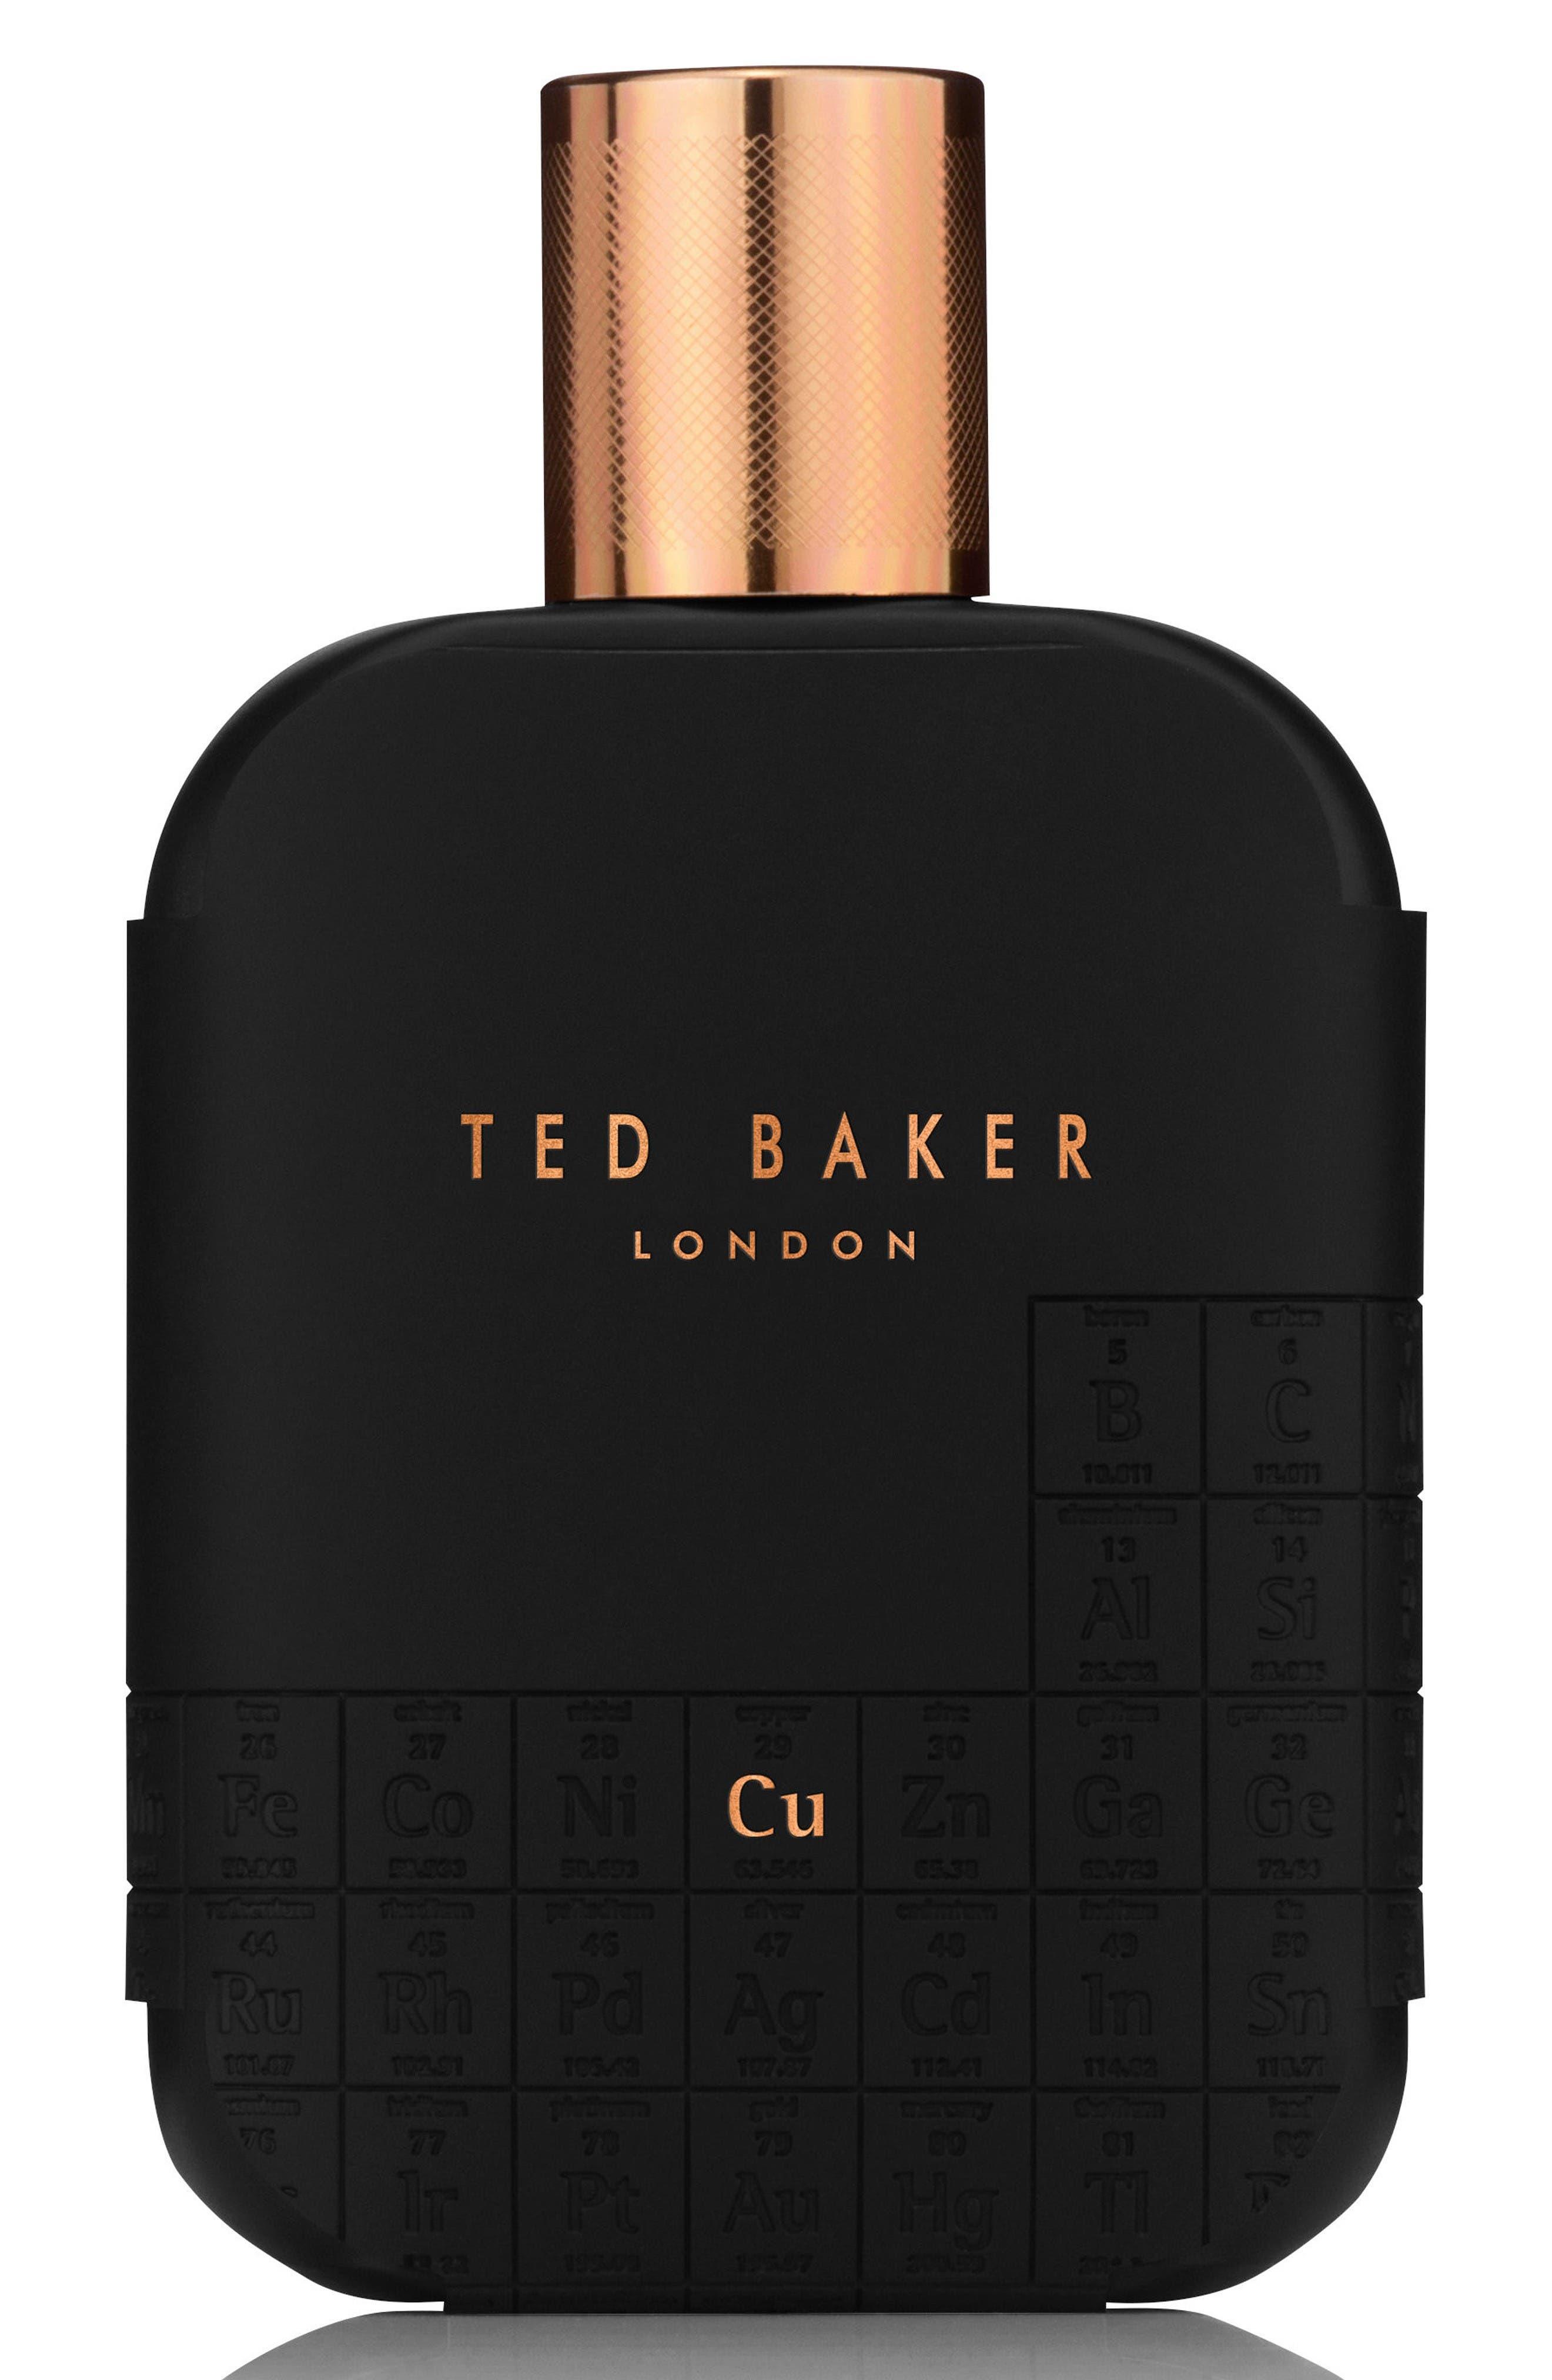 Ted Baker Tonic Cu Eau de Toilette (Nordstrom Exclusive)